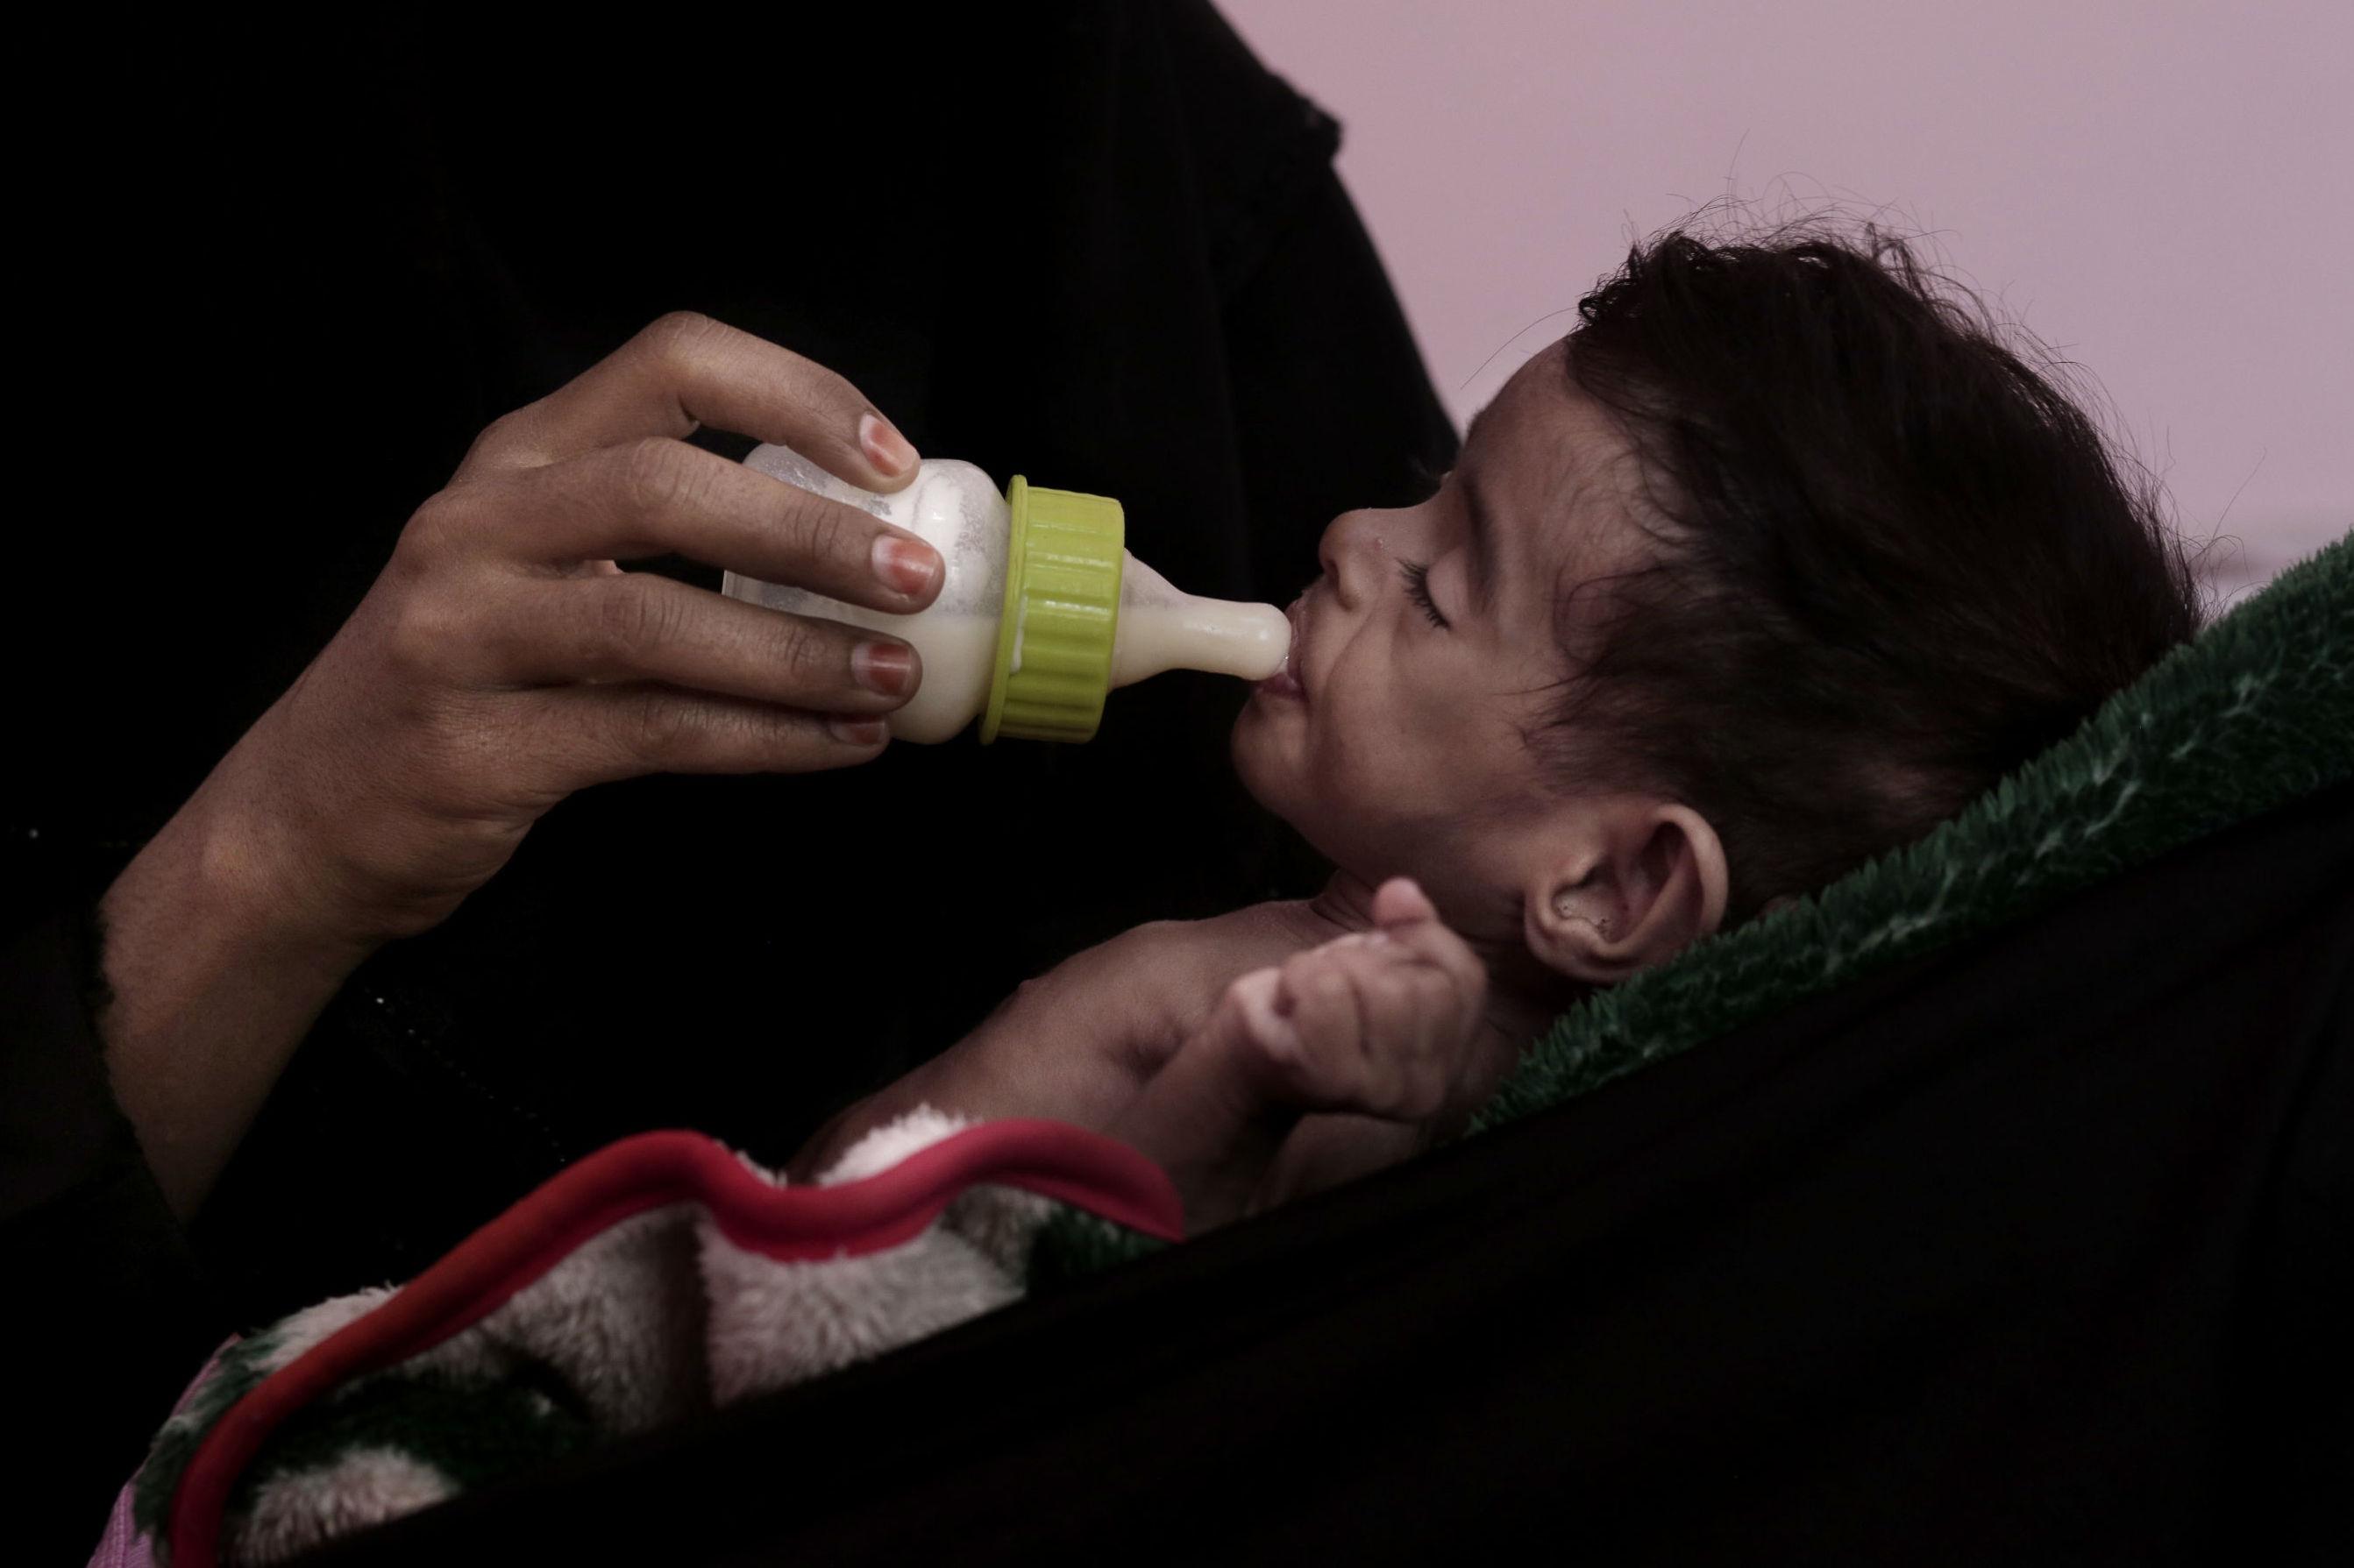 La guerra y el bloqueo saudí son la principal causa del hambre y la desnutrición infantil en Yemen